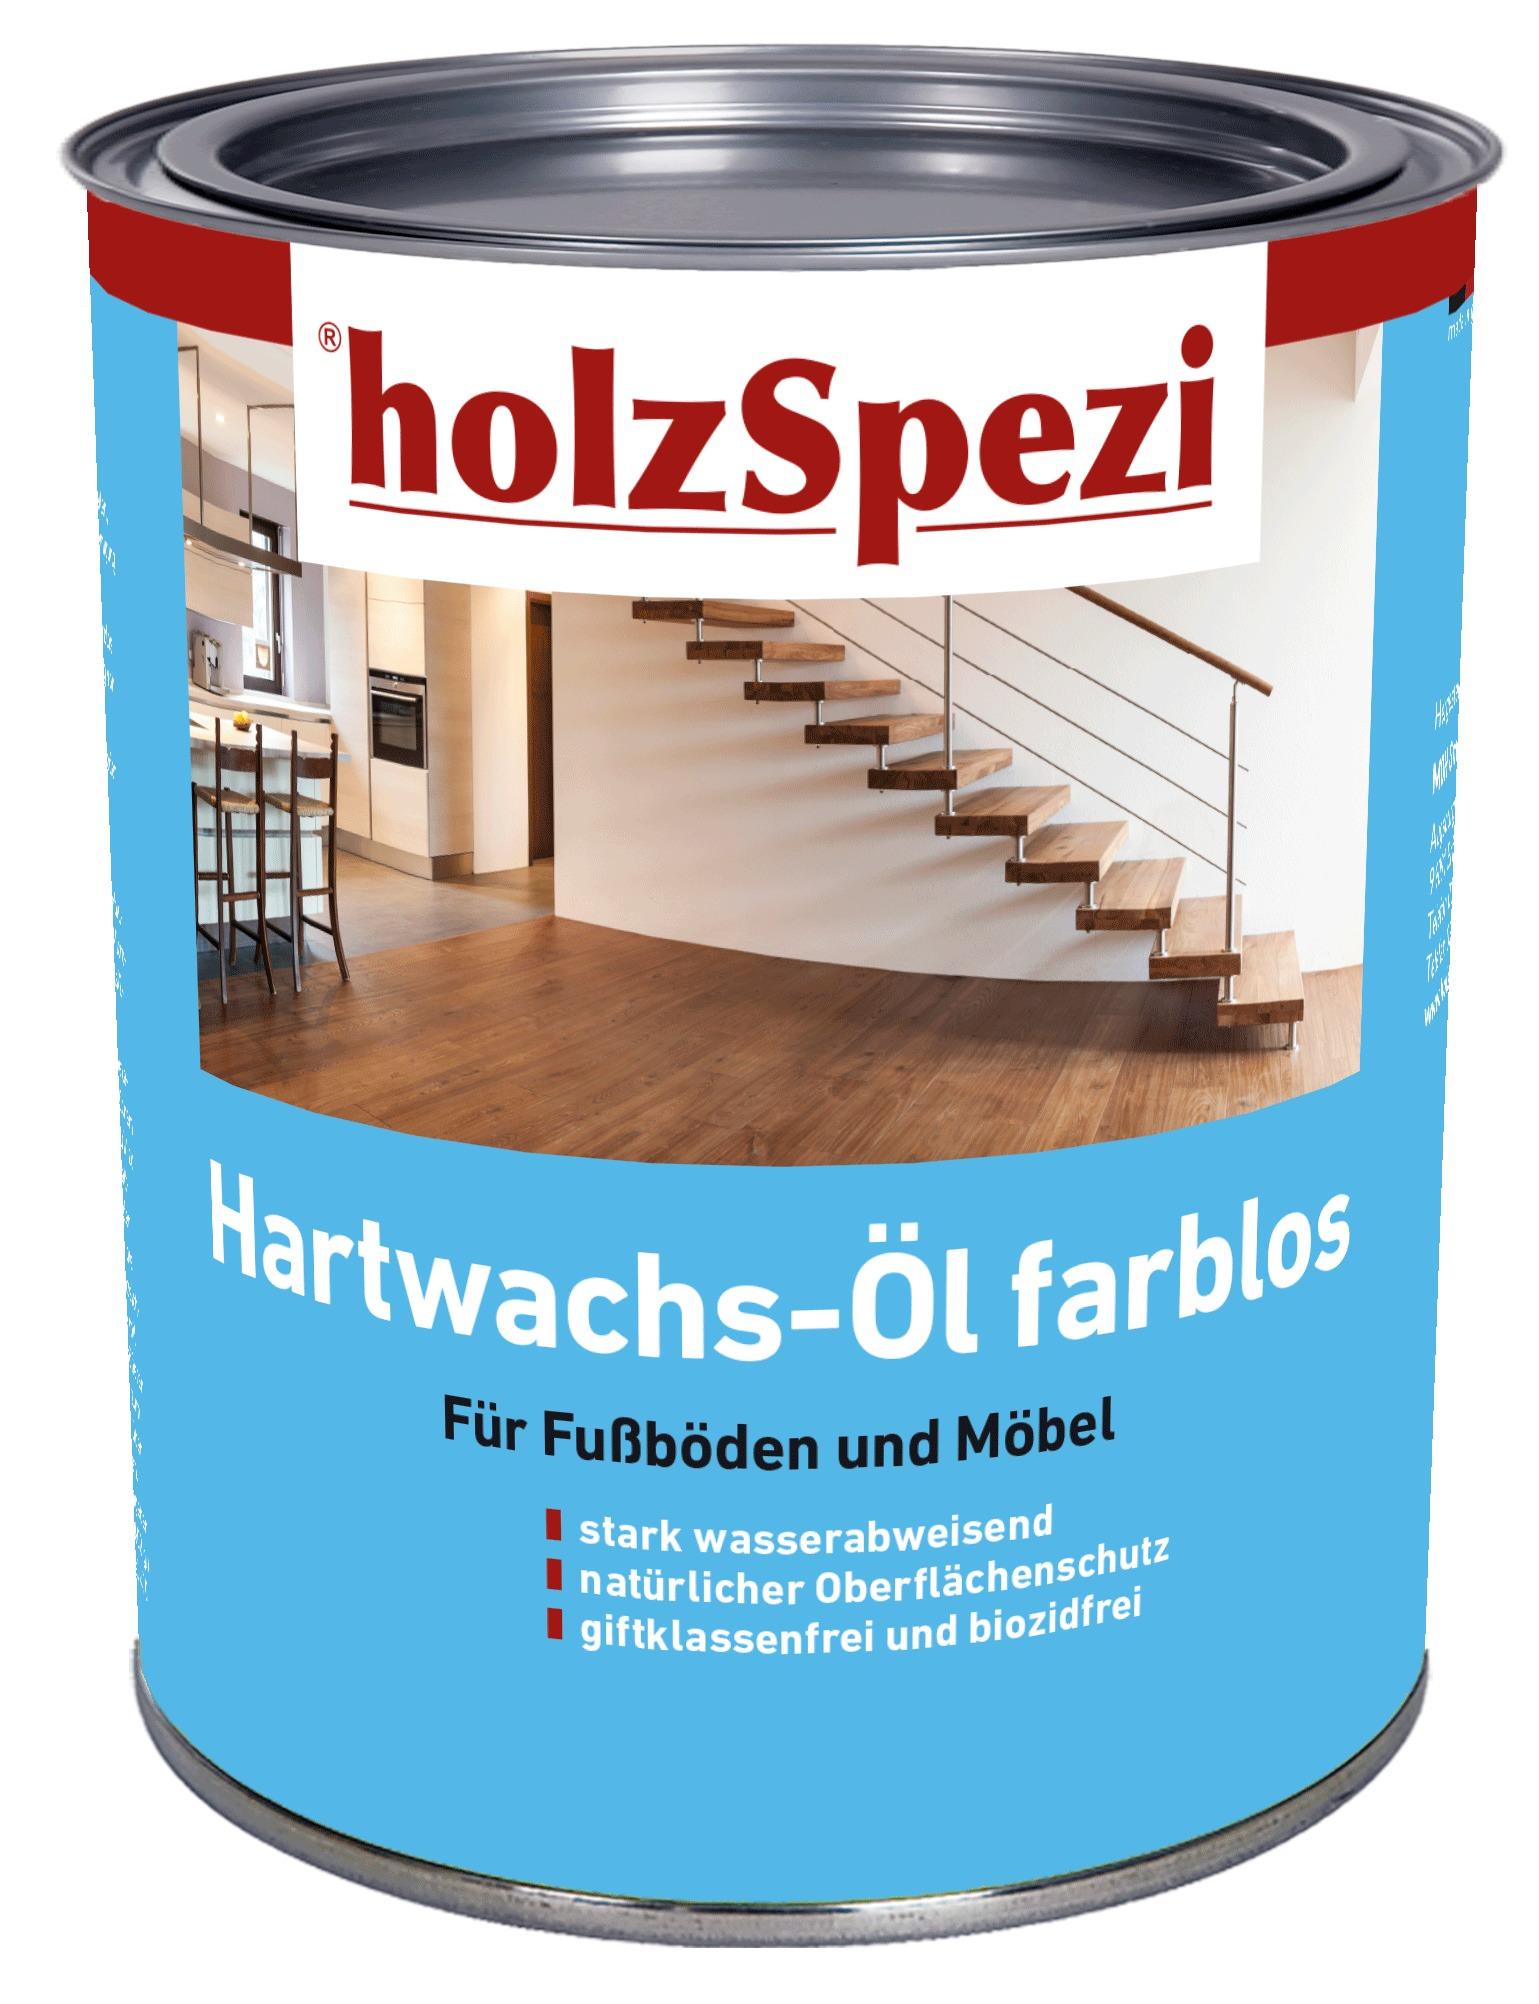 holzSpezi Hartwachs-Öl